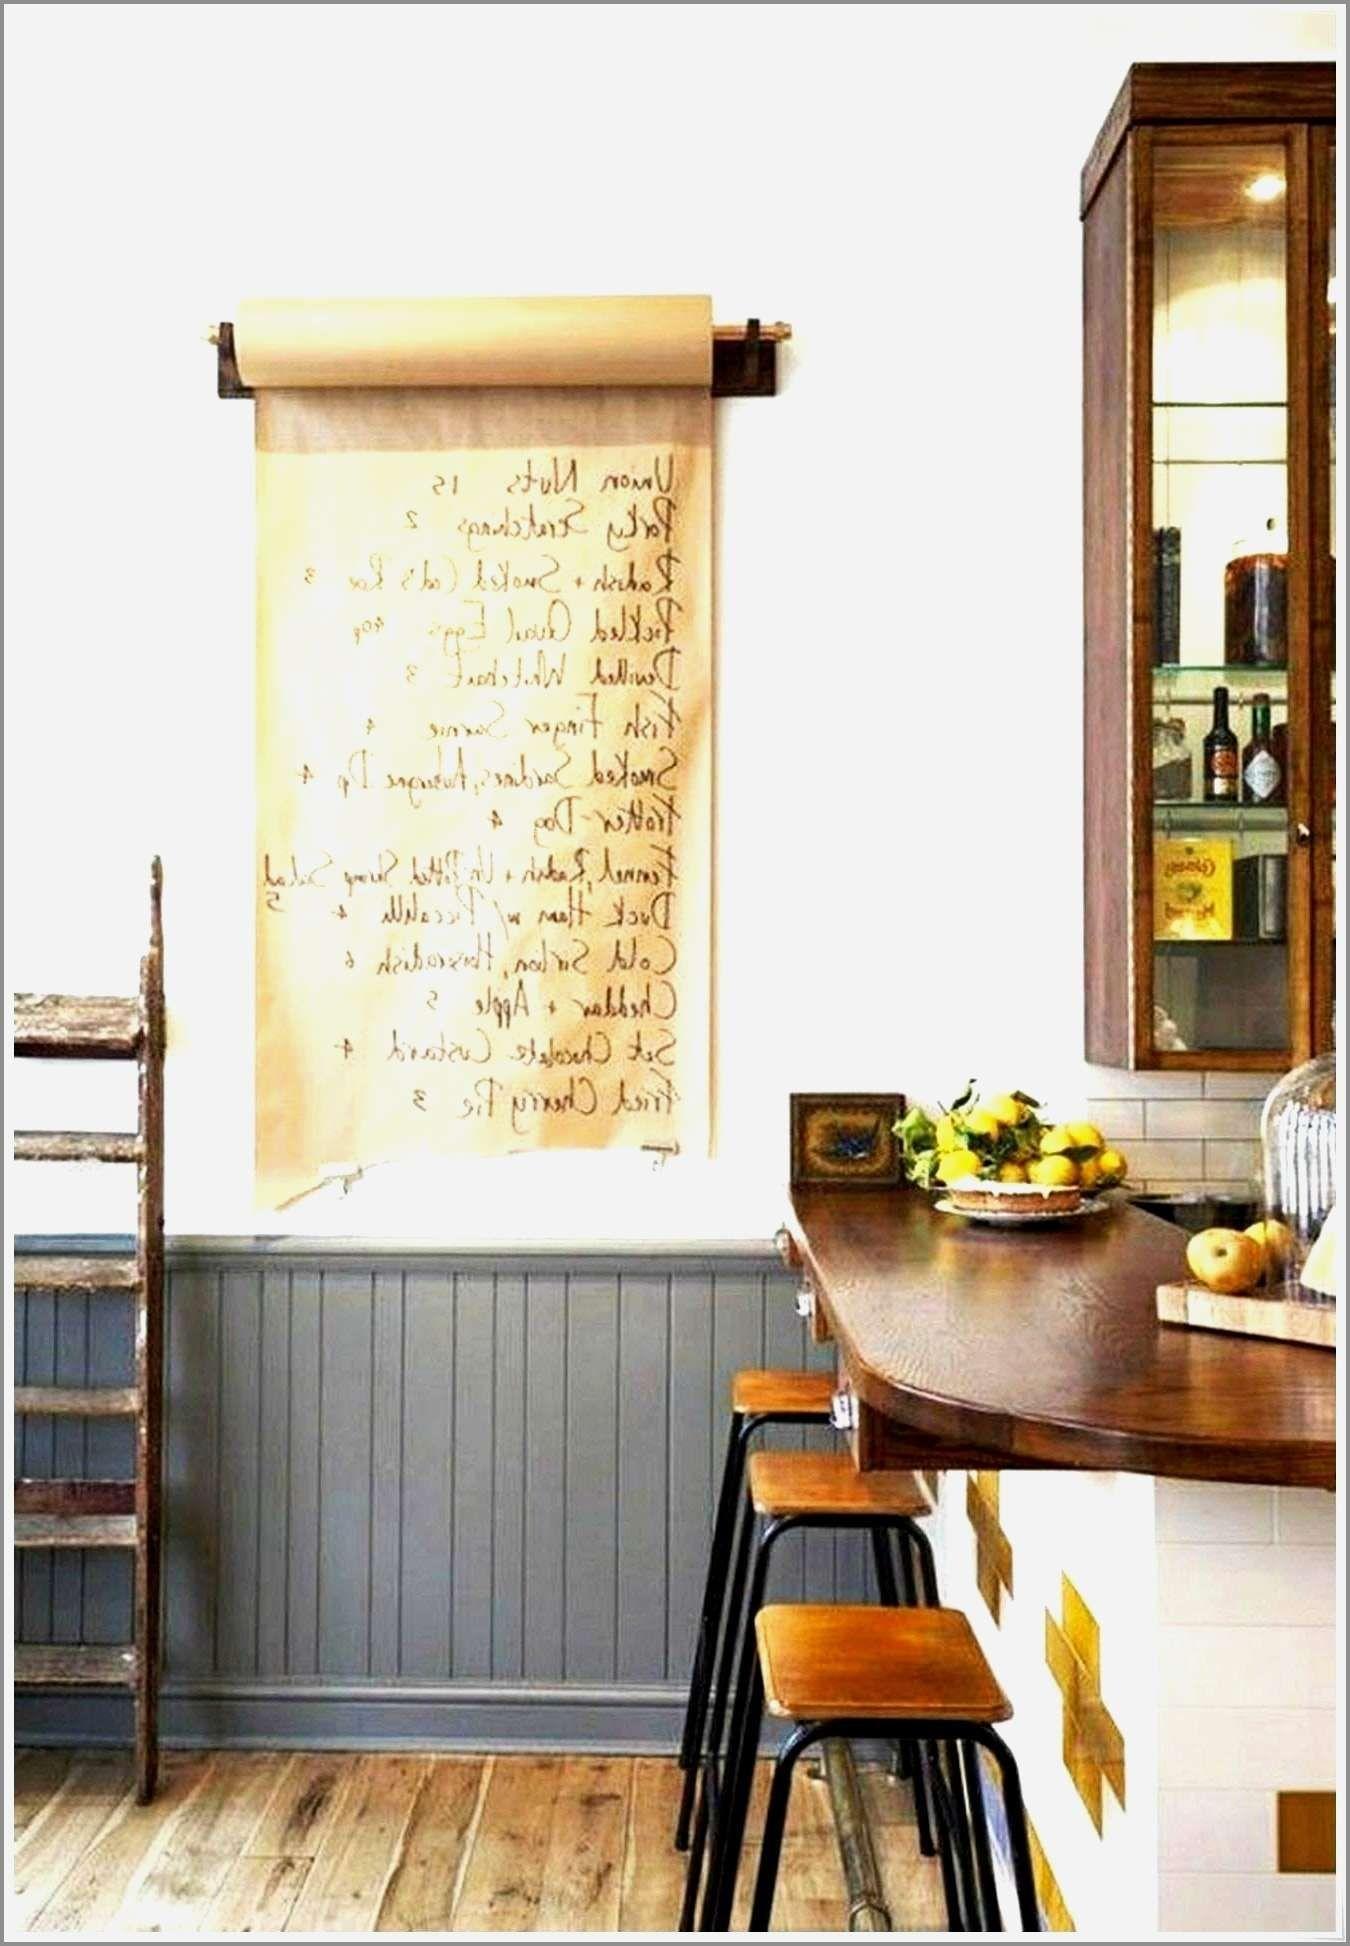 Full Size of 22 Einzigartig Kche U Form Ikea System Kitchen Hotel Bad Sulza Fenster Austauschen Kosten Gebrauchte Küche Kaufen Garten Sauna Einbruchschutz Folie Holzbrett Wohnzimmer Küche U Form Ikea